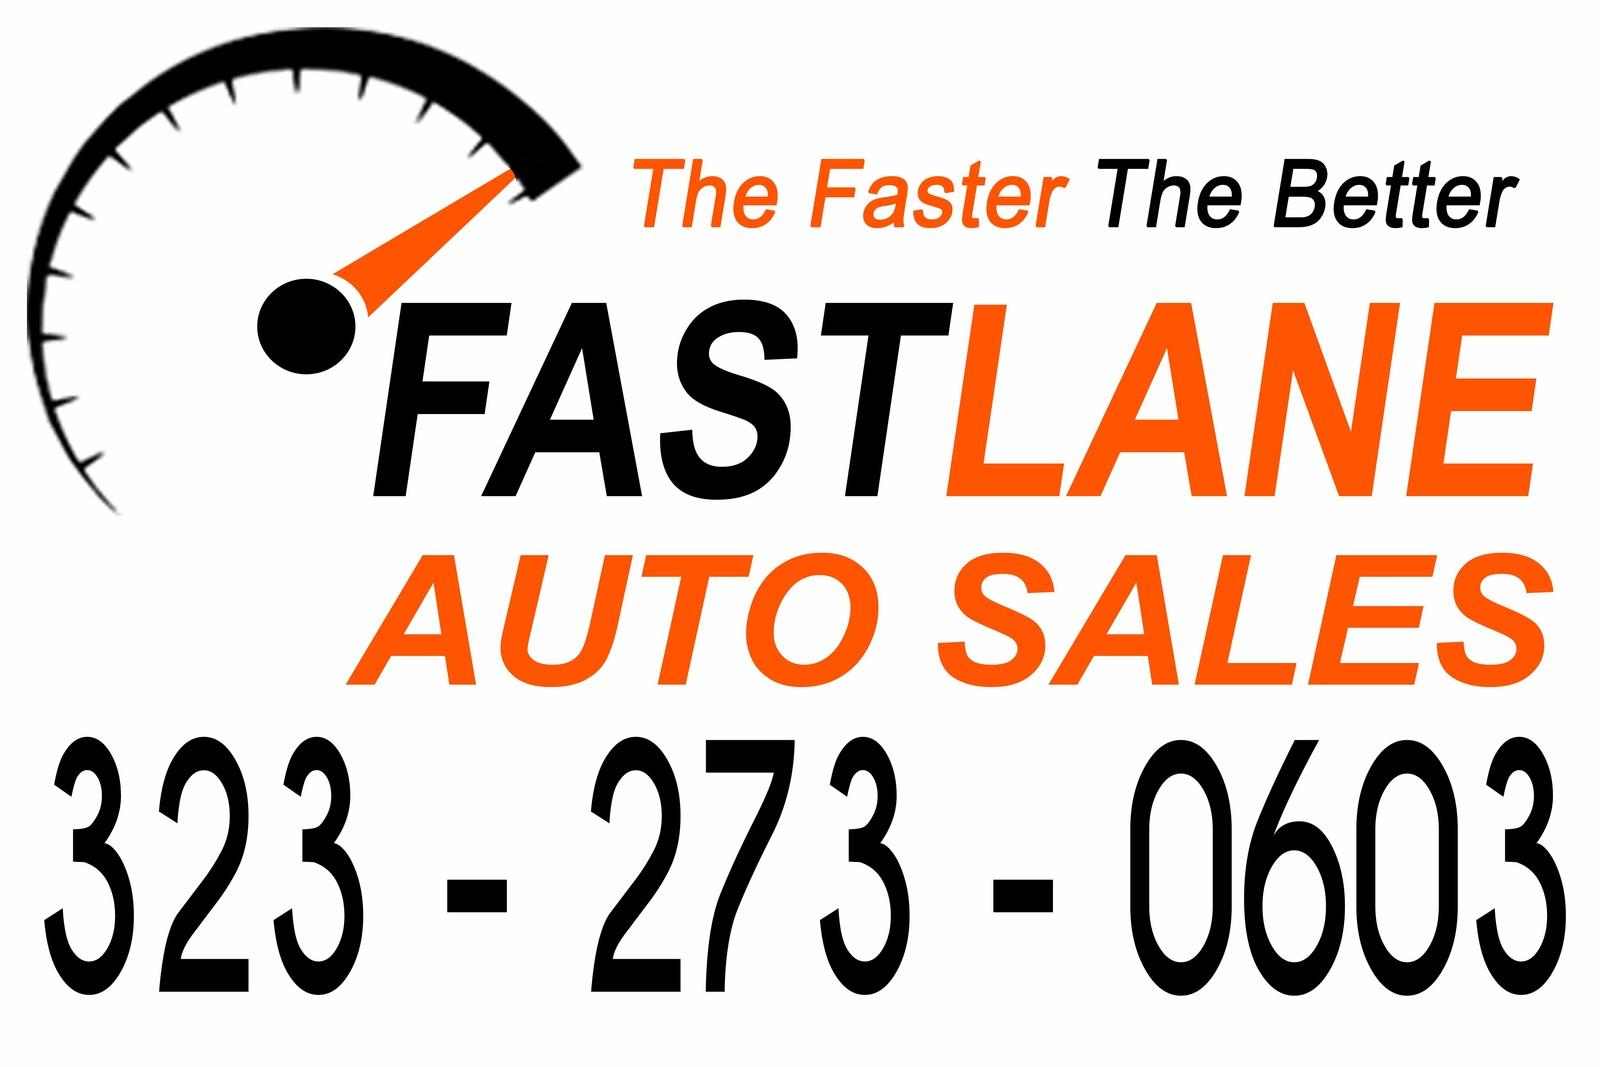 Fastlane Auto Sales - Los Angeles, CA: Read Consumer reviews, Browse ...